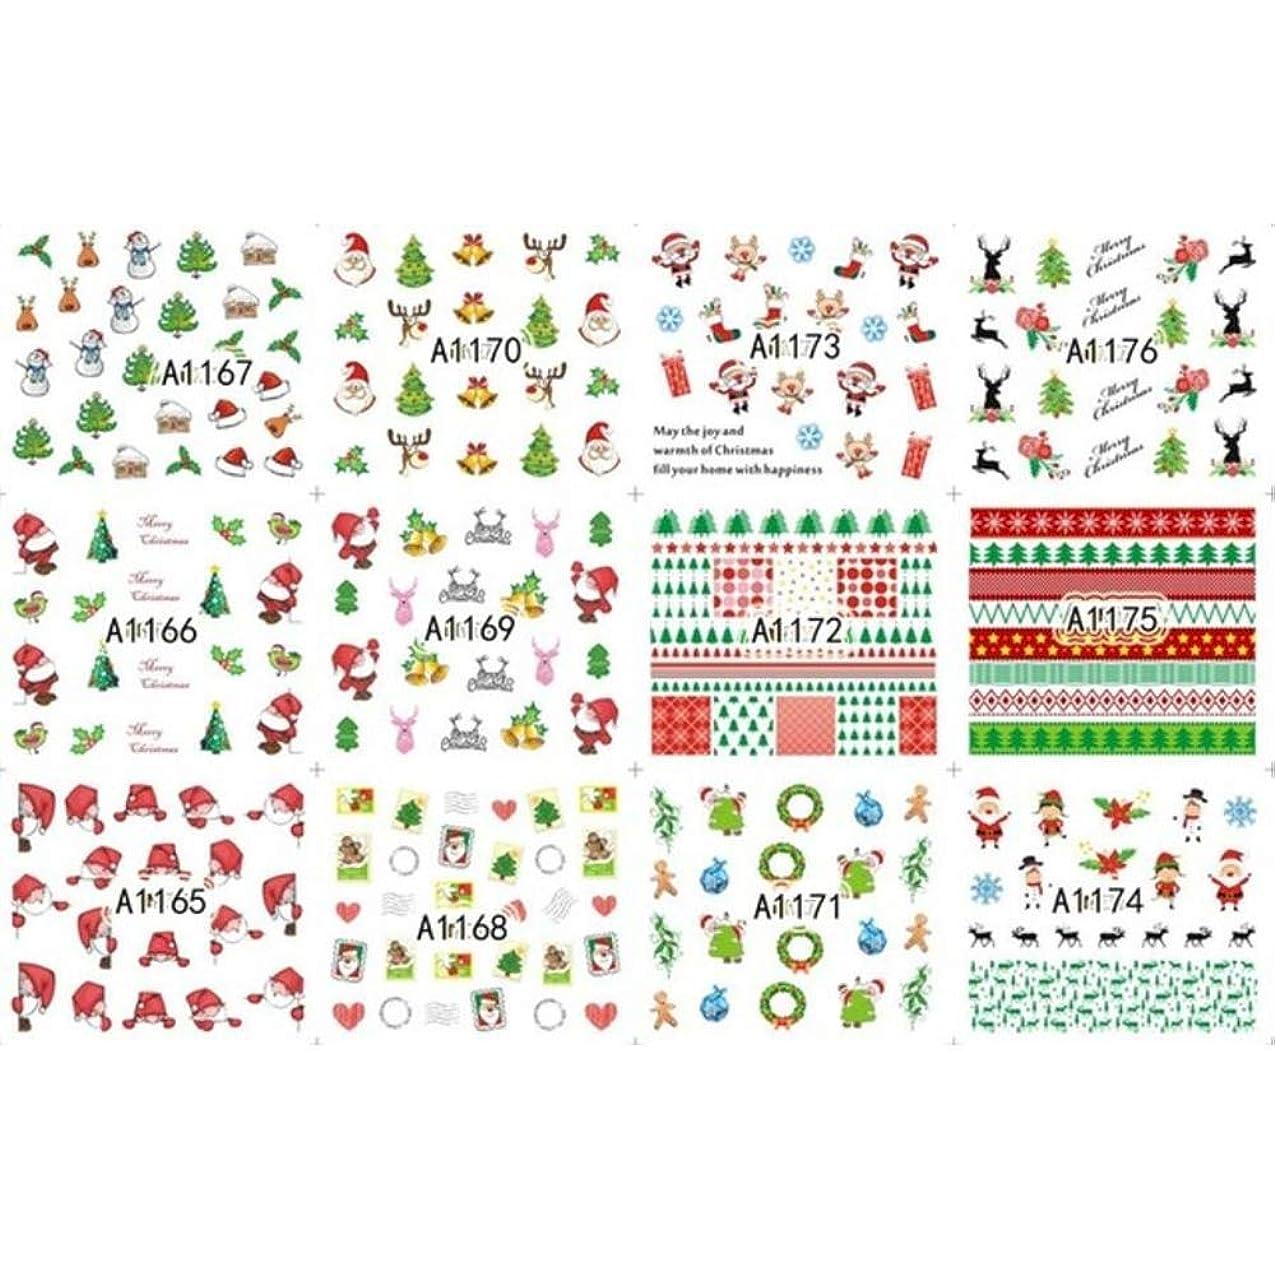 リッチ謎メンター12枚美容ハロウィンクリスマス水転写ネイルアートステッカーデカールネイルデコレーションマニキュアツールパンプキンスカルデザイン,8